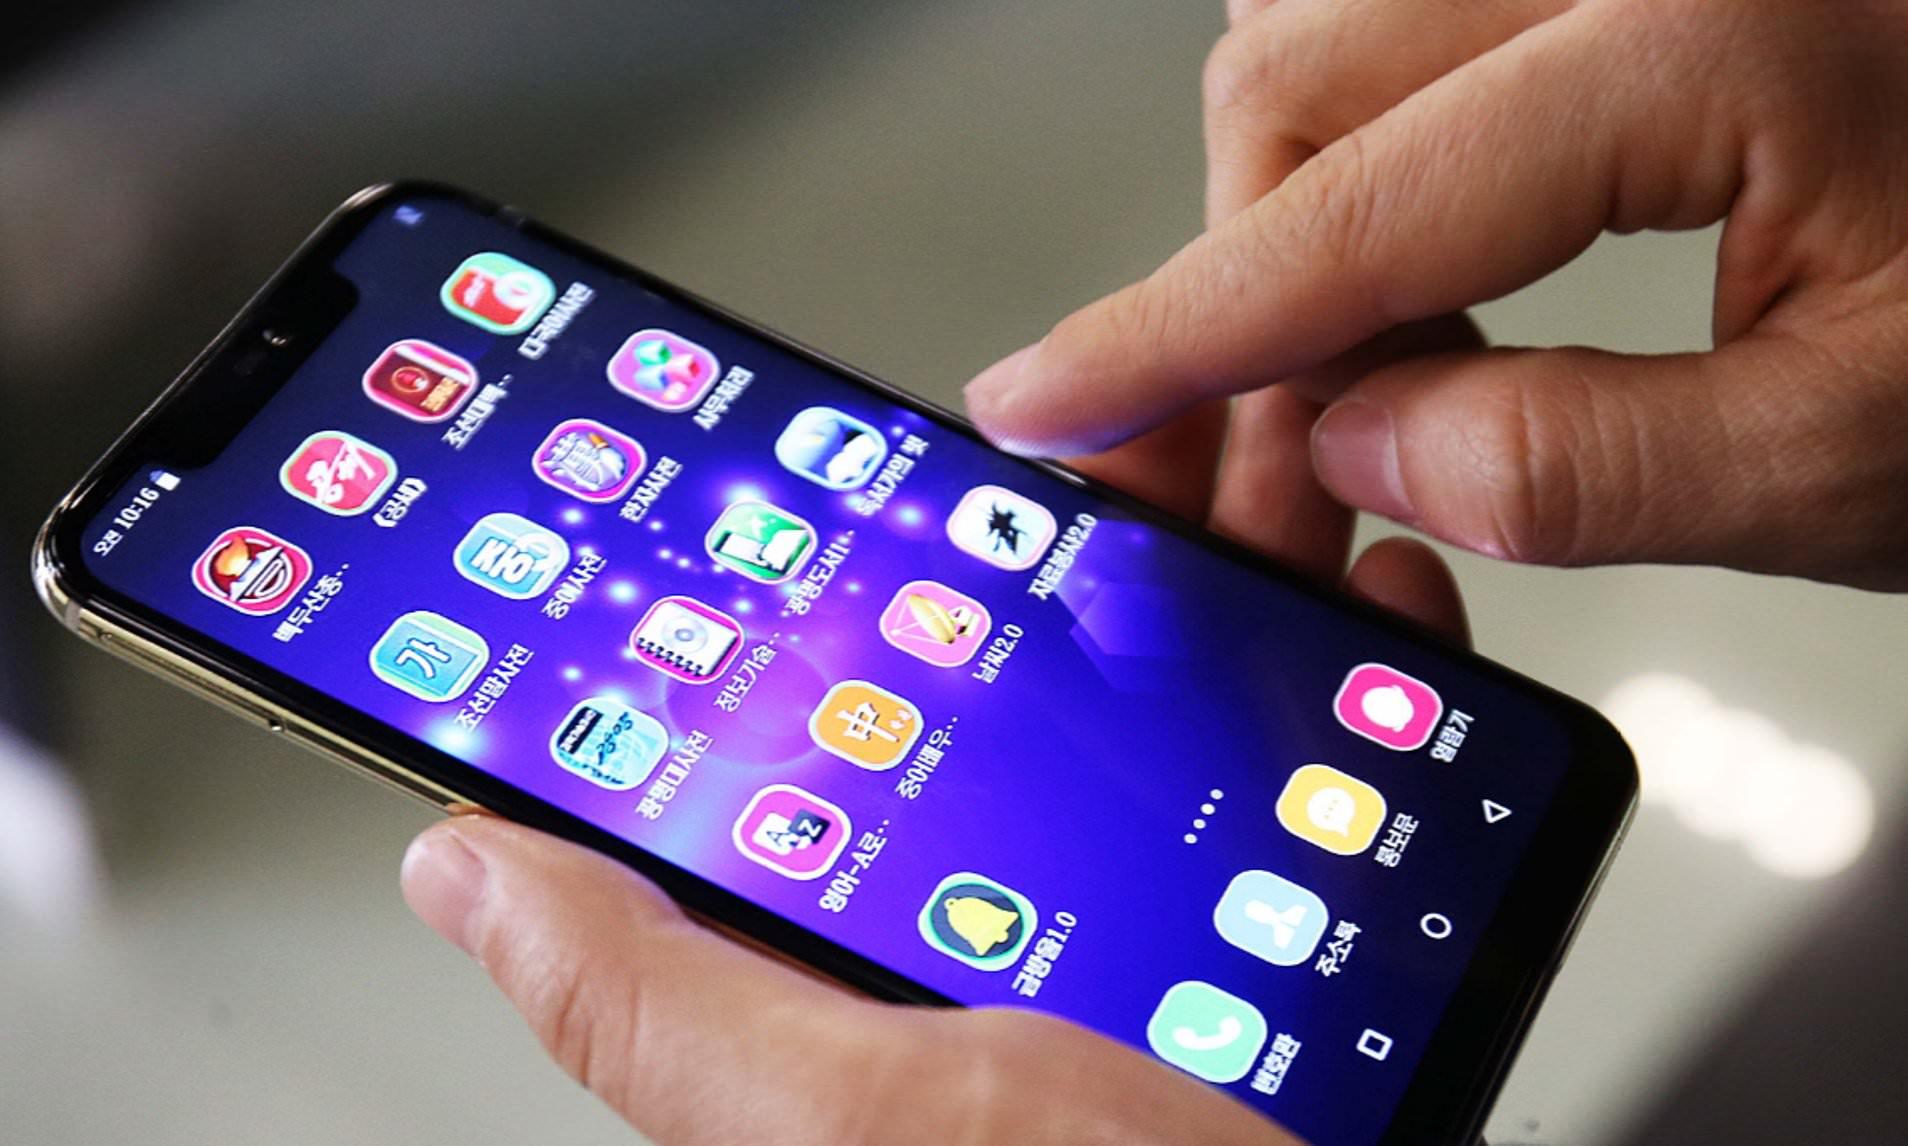 स्मार्टफोन प्रयोग गर्दै हुनुहुन्छ ।  यी कुरामा पनि ध्यान दिनुहाेस्